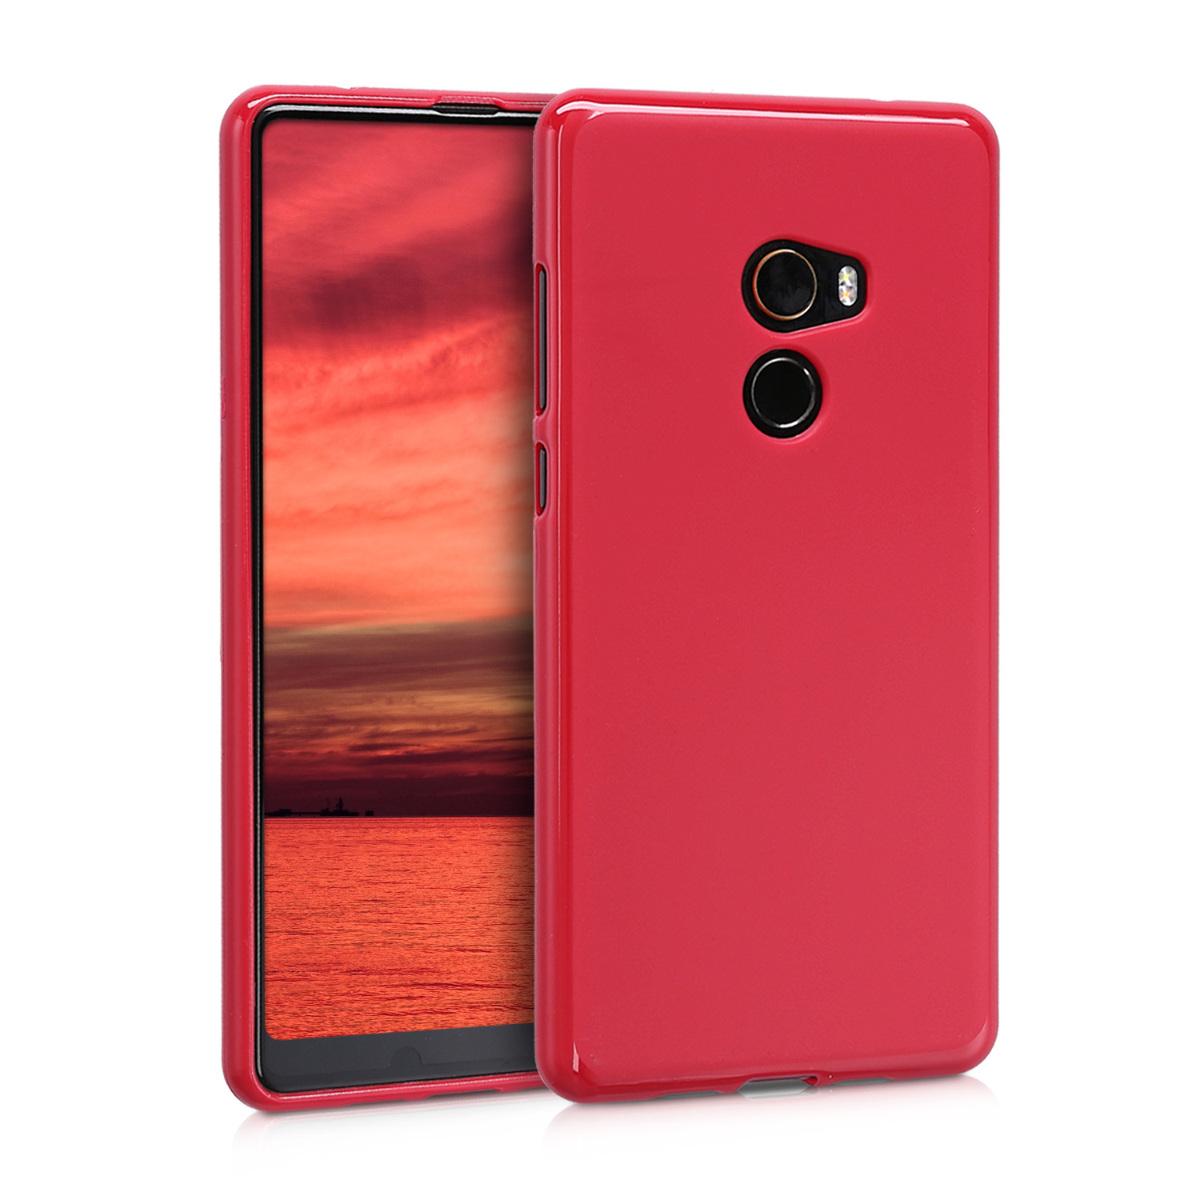 KW Θήκη Σιλικόνης Xiaomi Mi Mix 2 - Red Matte (43506.51)